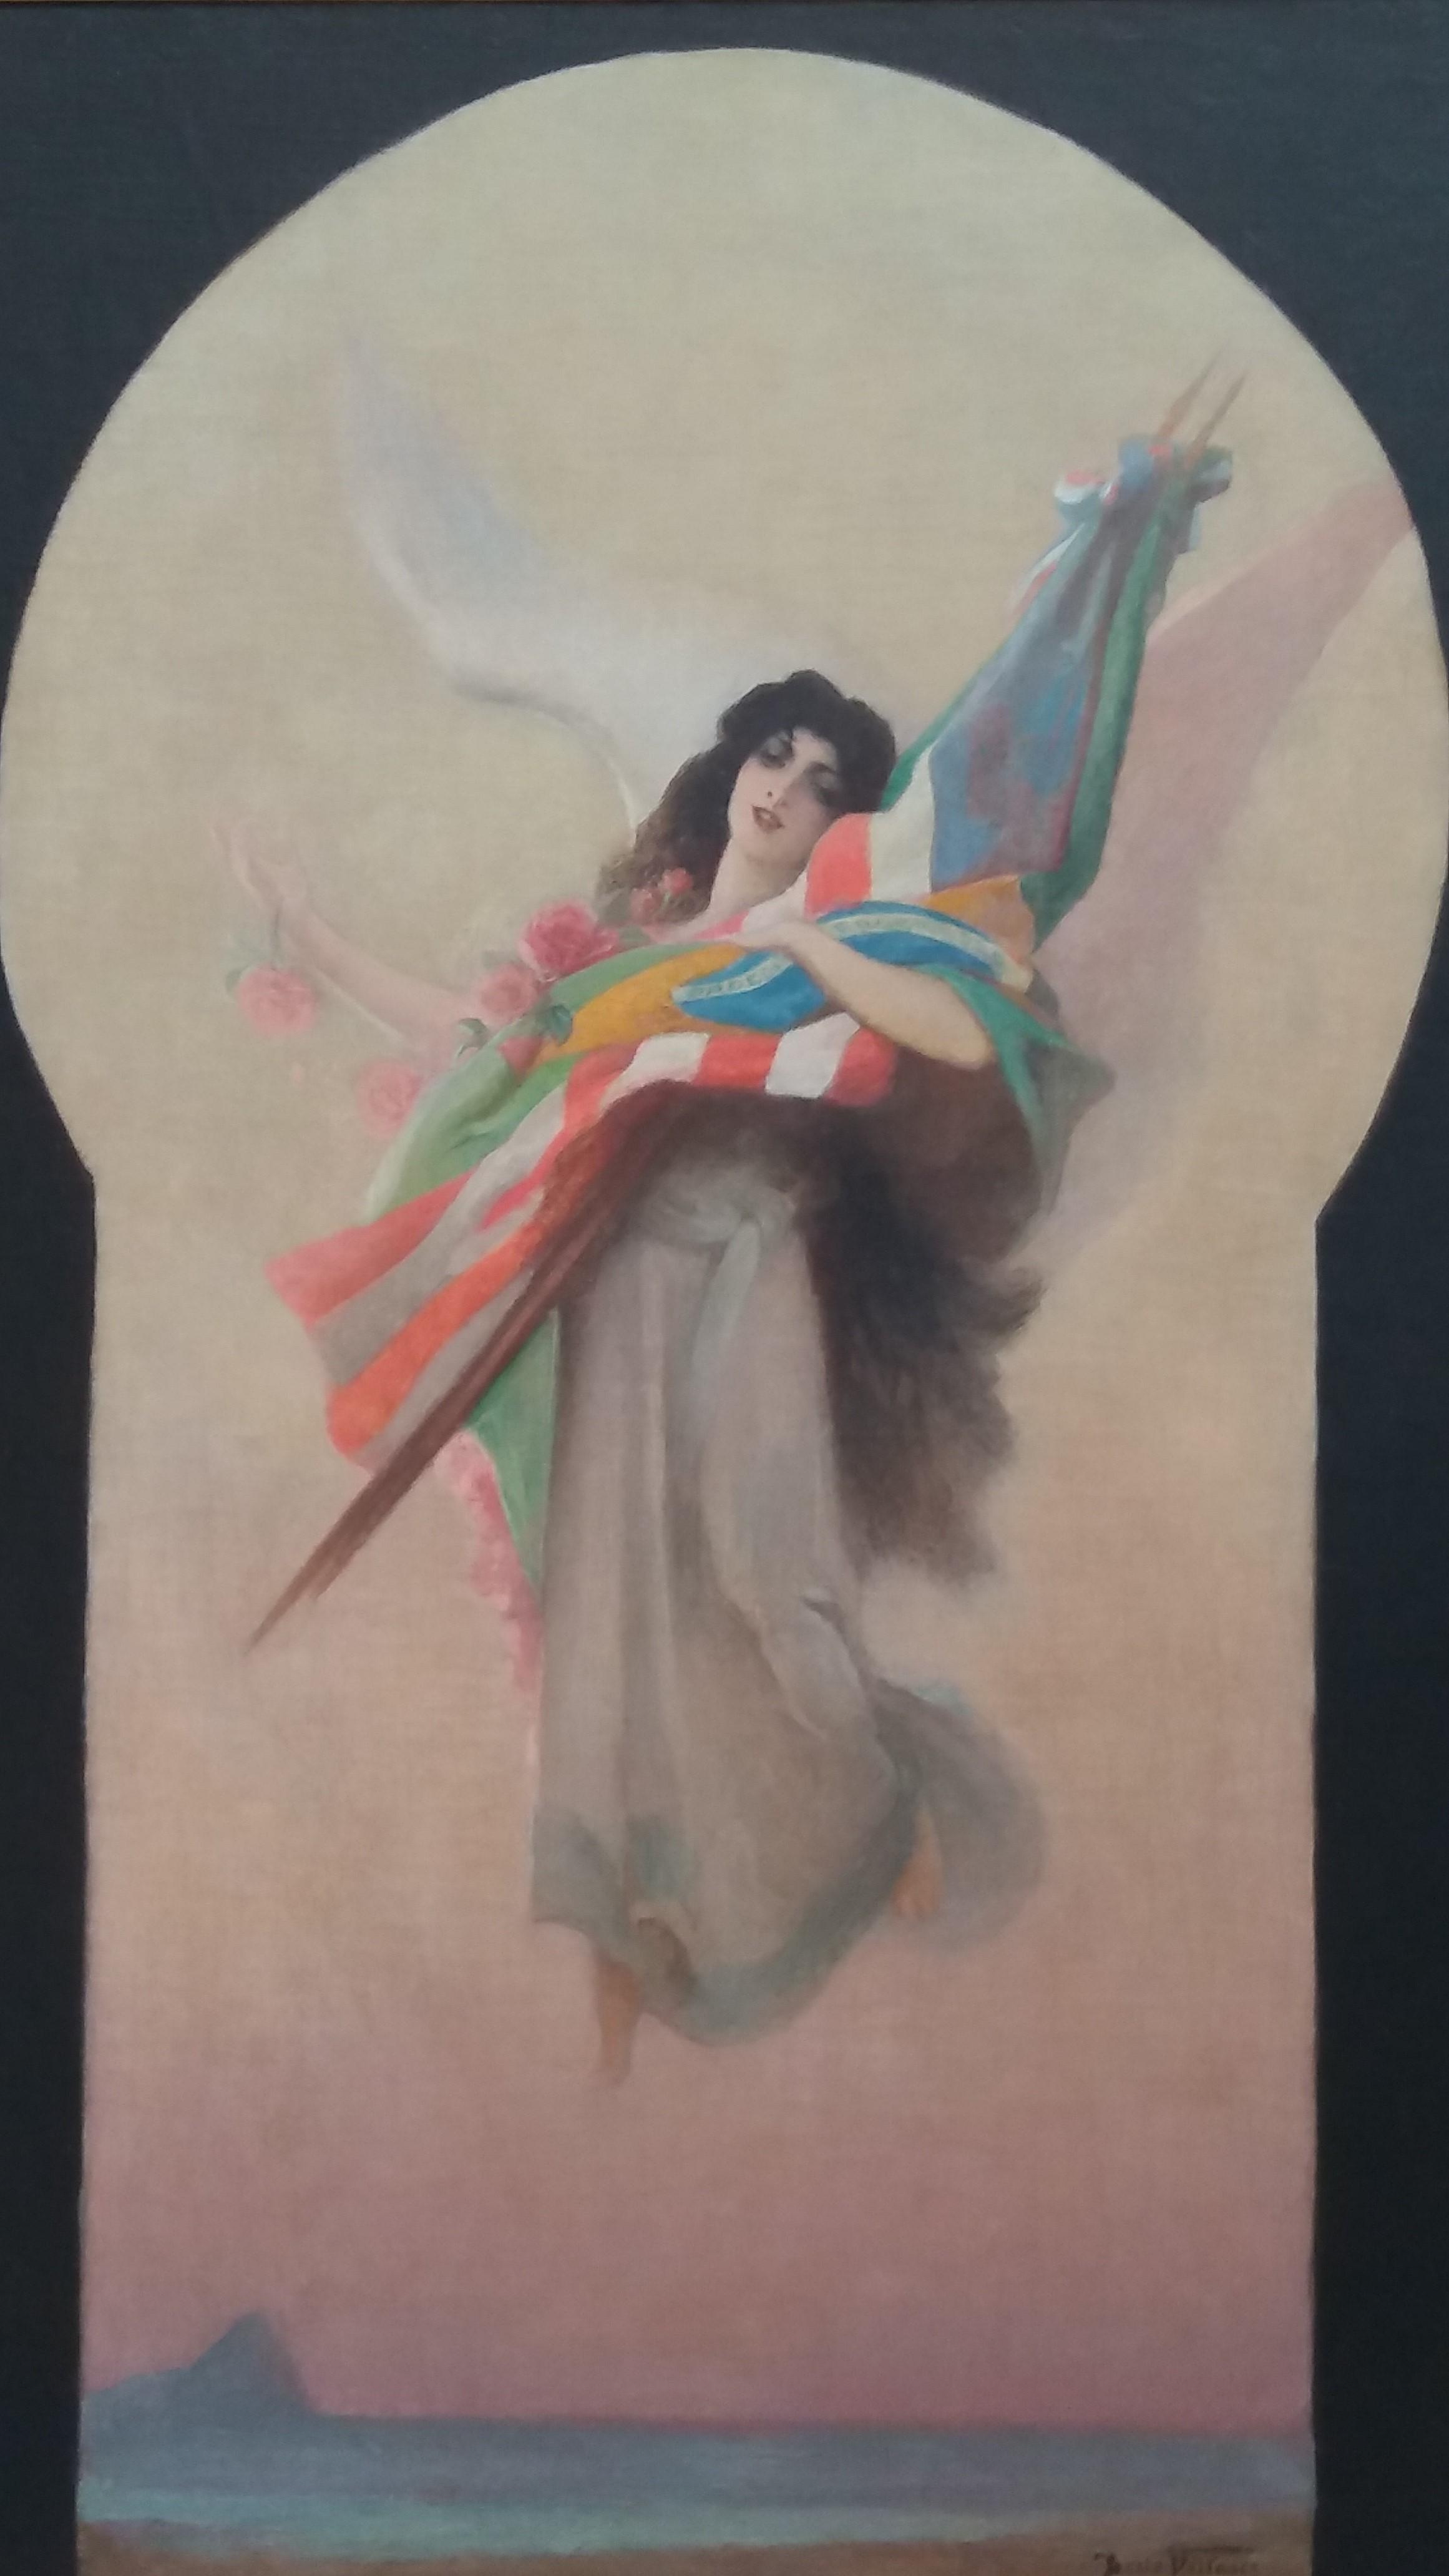 Tela de Décio Villares faz alegoria à Exposição Internacional de 1922